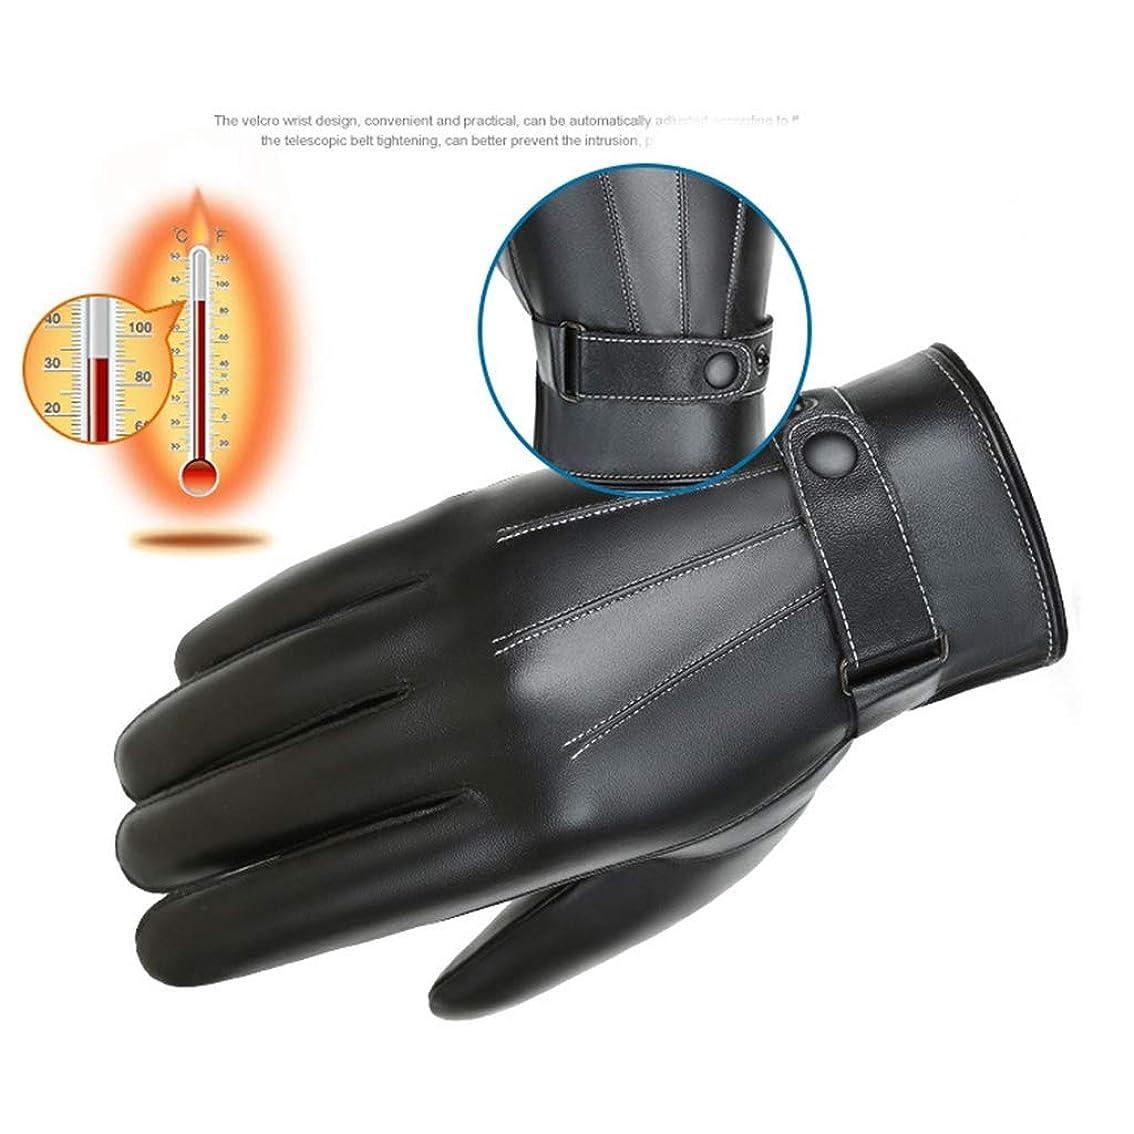 部族信念奨励しますタッチスクリーンのメンズグローブ冬プラスベルベット厚い暖かい防風防水ライドバイクバイクの乗り物の手袋